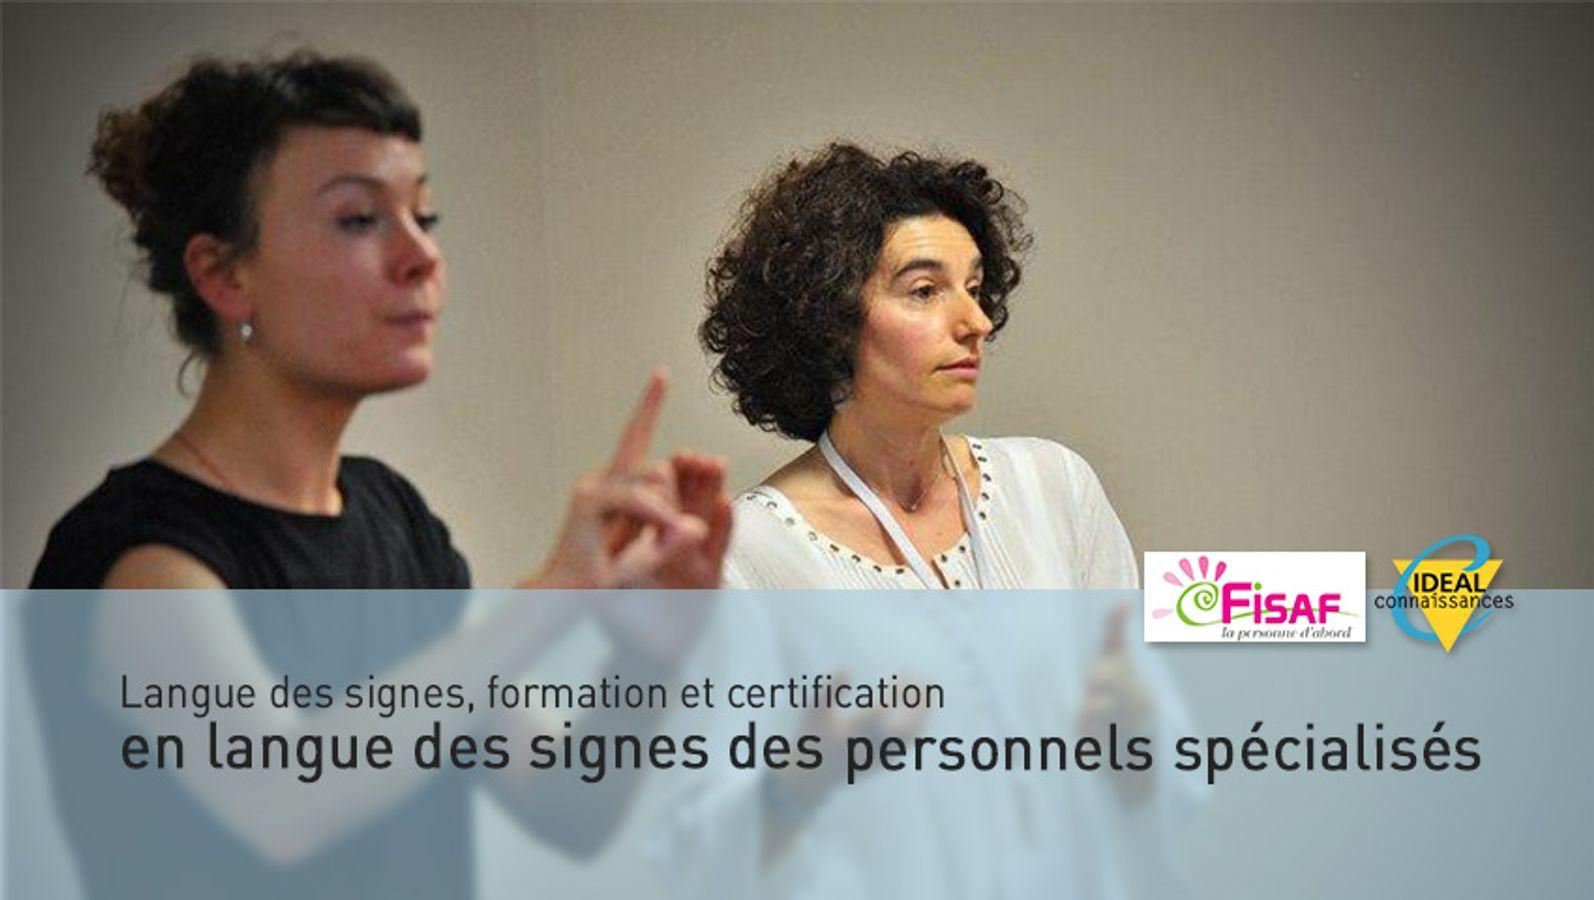 Langue des signes,  formation et certification en langue des signes des personnels spécialisés